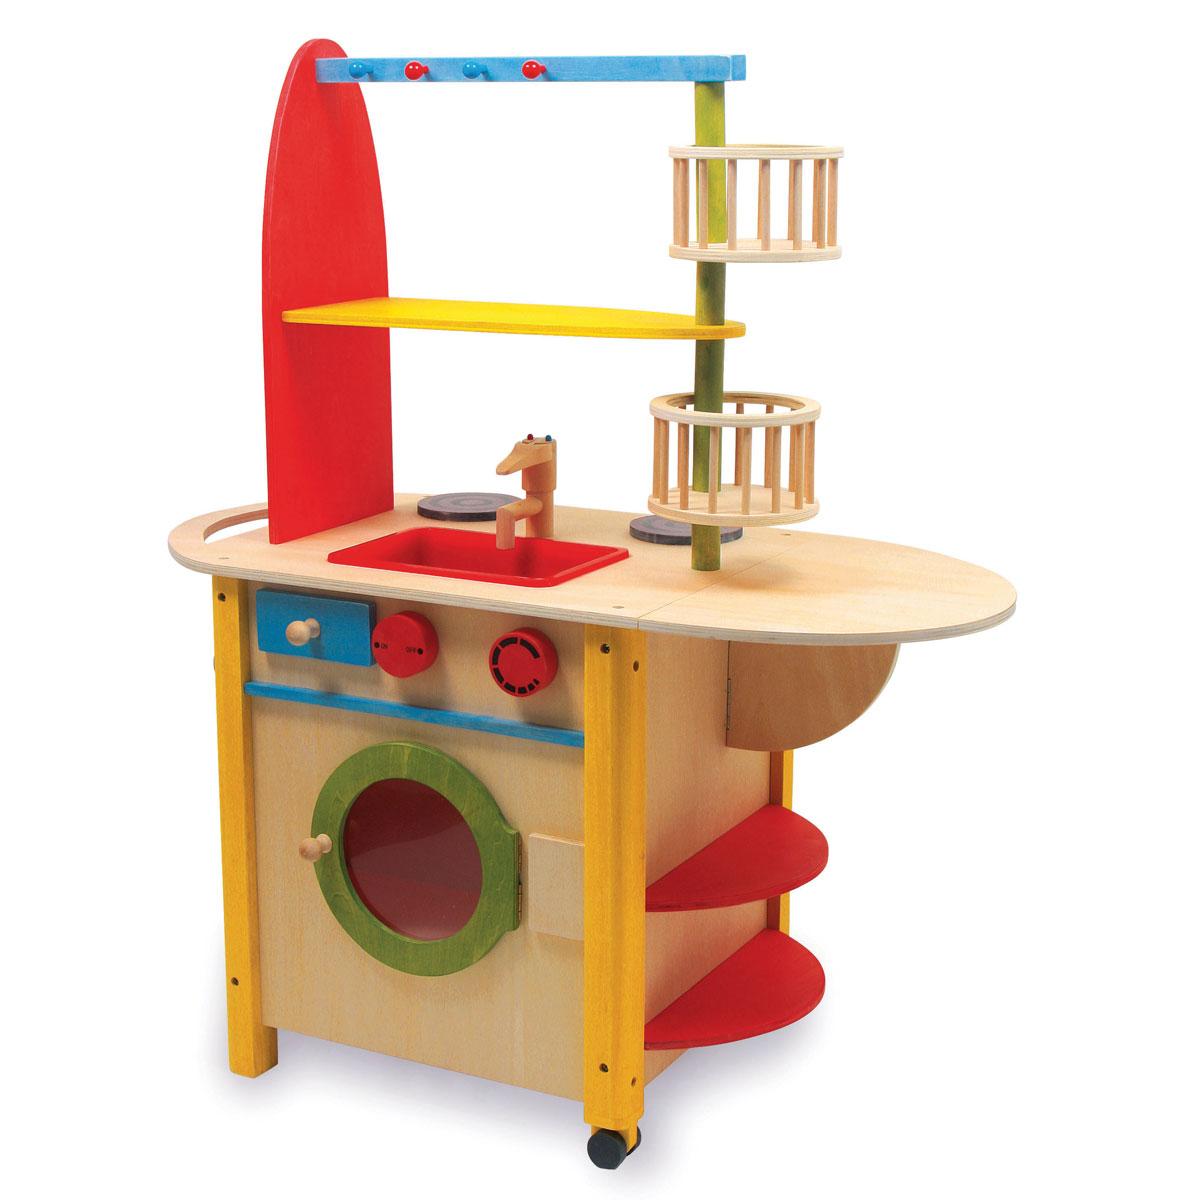 Kinderküche aus Holz für Kinder: Spielküche kaufen - Pirum